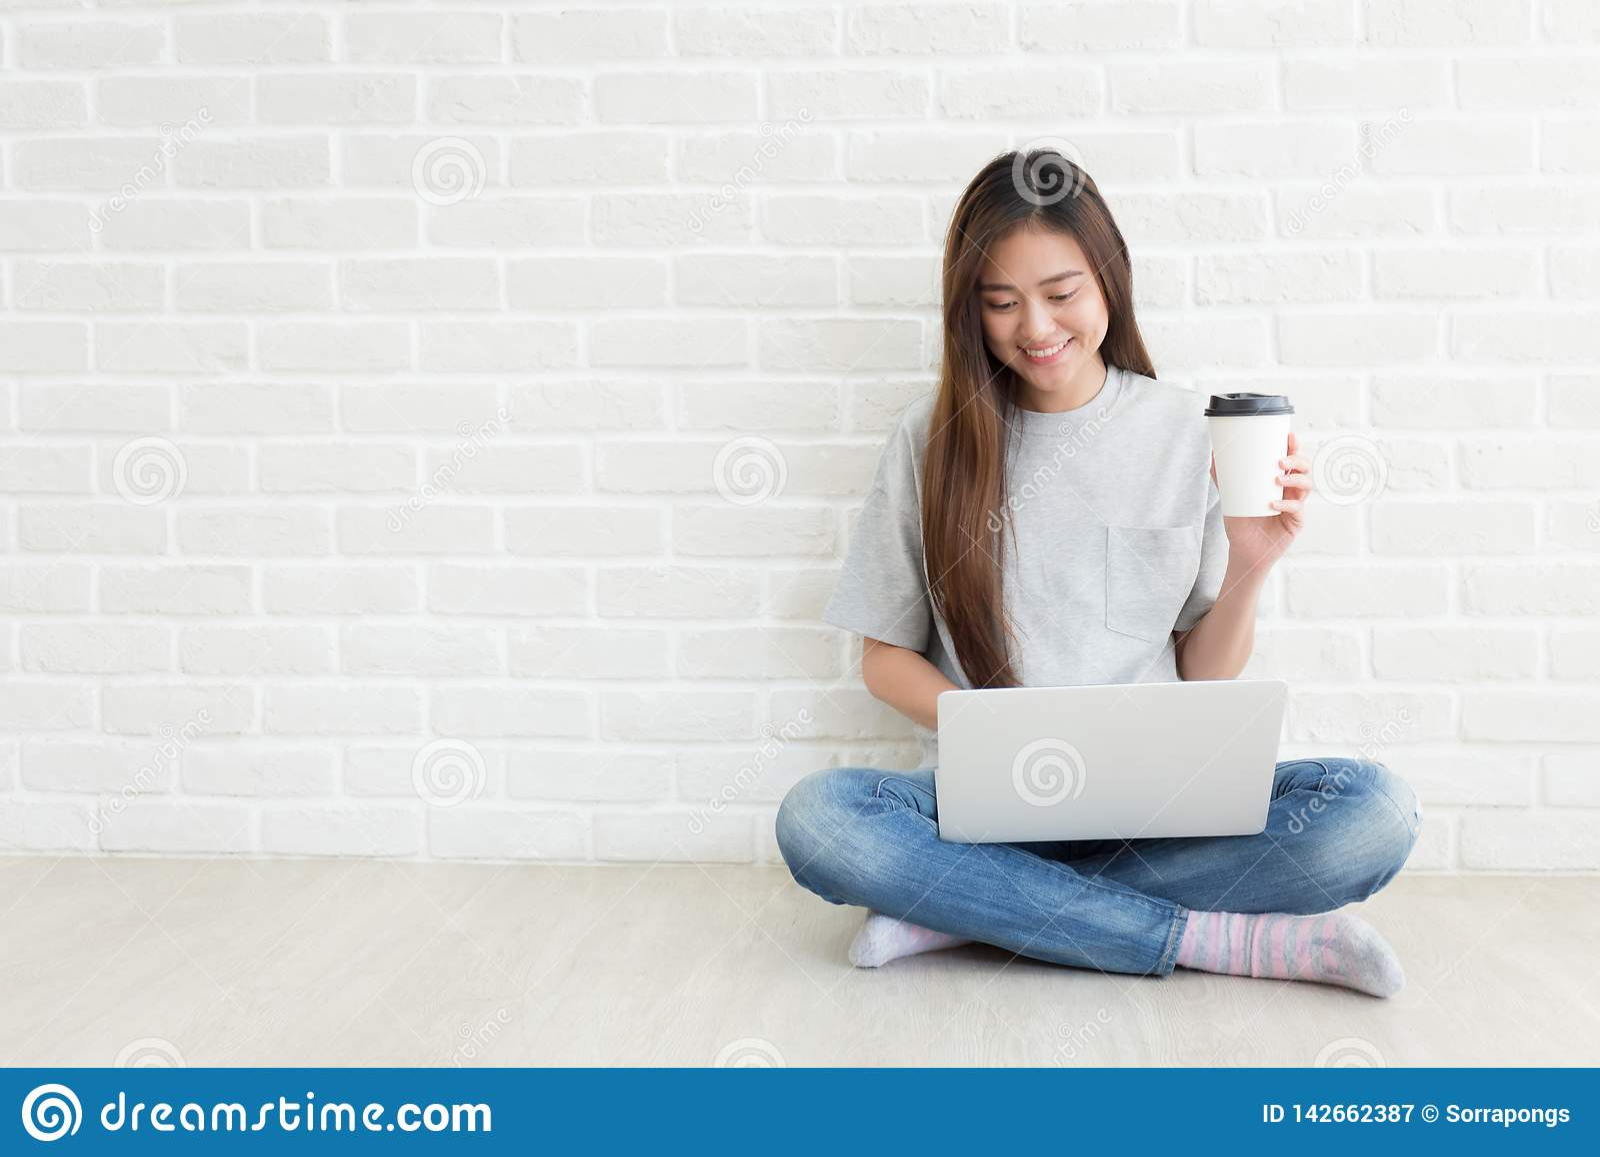 Gli studenti universitari sono sorridenti e per mezzo dei computer portatili, concetto di autodidattica